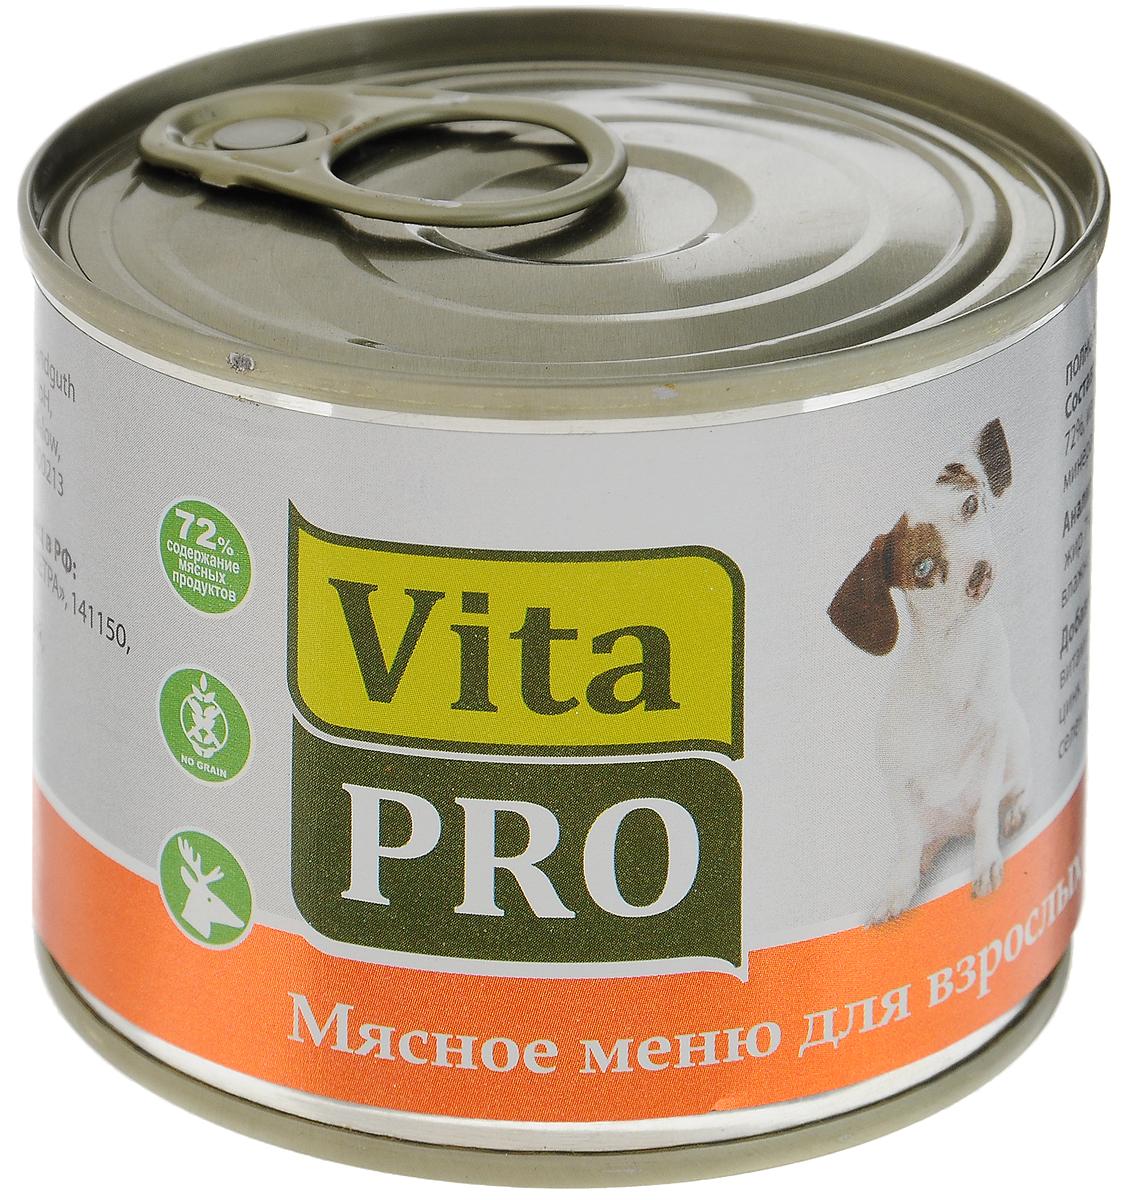 Консервы Vita ProМясное меню для собак, дичь, 200 г90009Консервы Vita ProМясное меню - это корм из натурального мяса без овощей и злаков с добавлением кальция для растущего организма. Не содержит искусственных красителей и усилителей вкуса. Имеет крупнофаршевую текстуру.Товар сертифицирован.